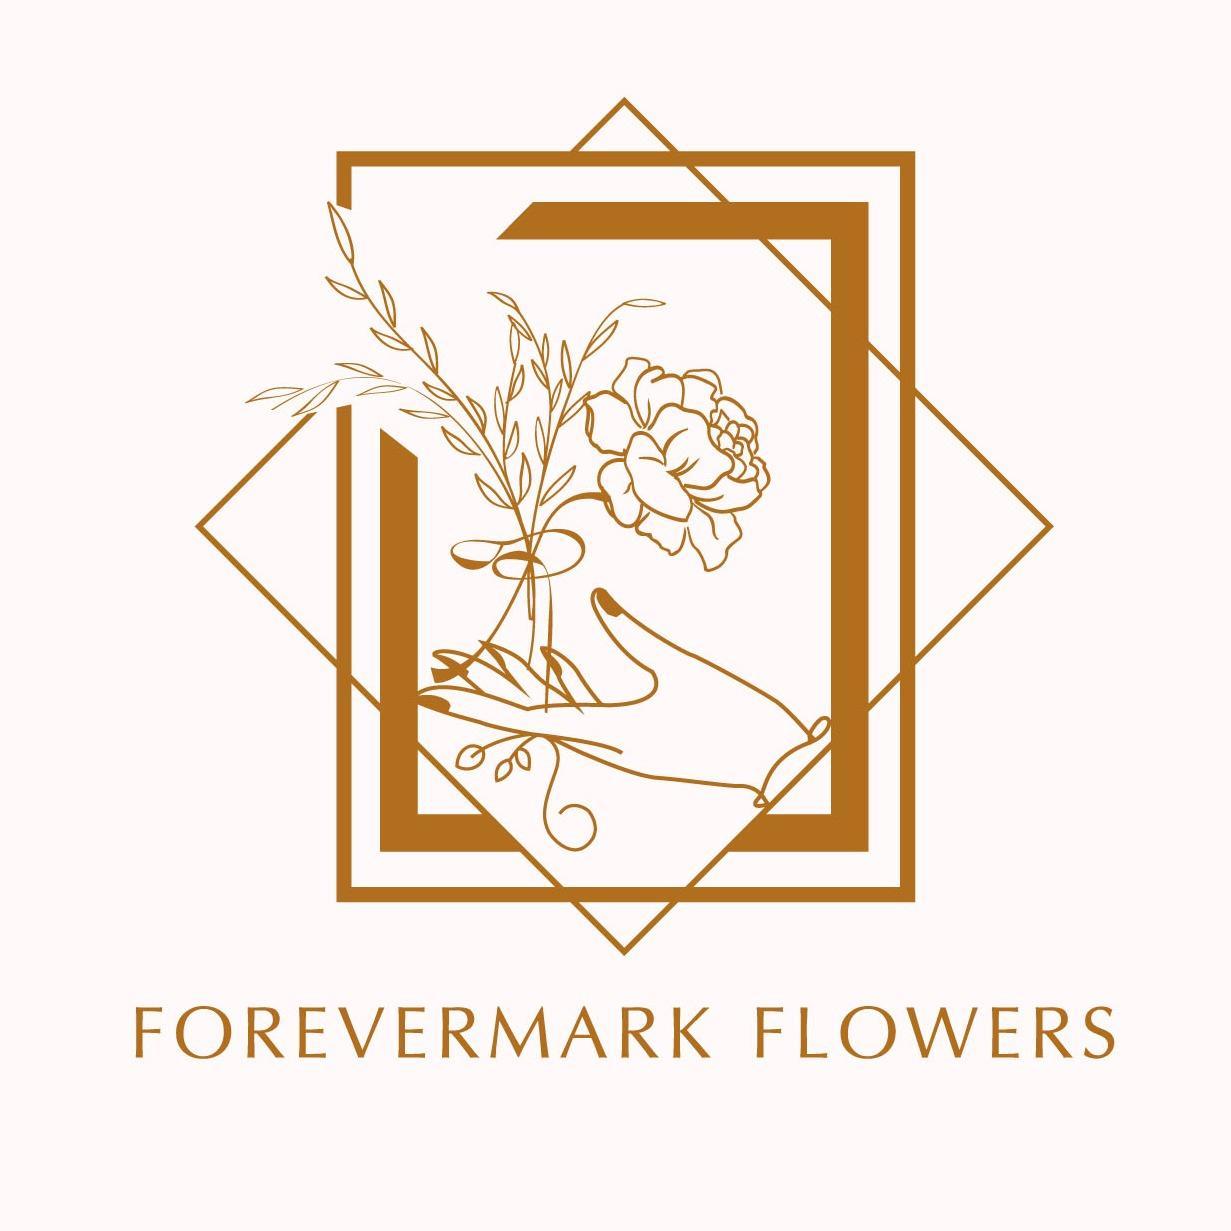 Forevermark Flowers